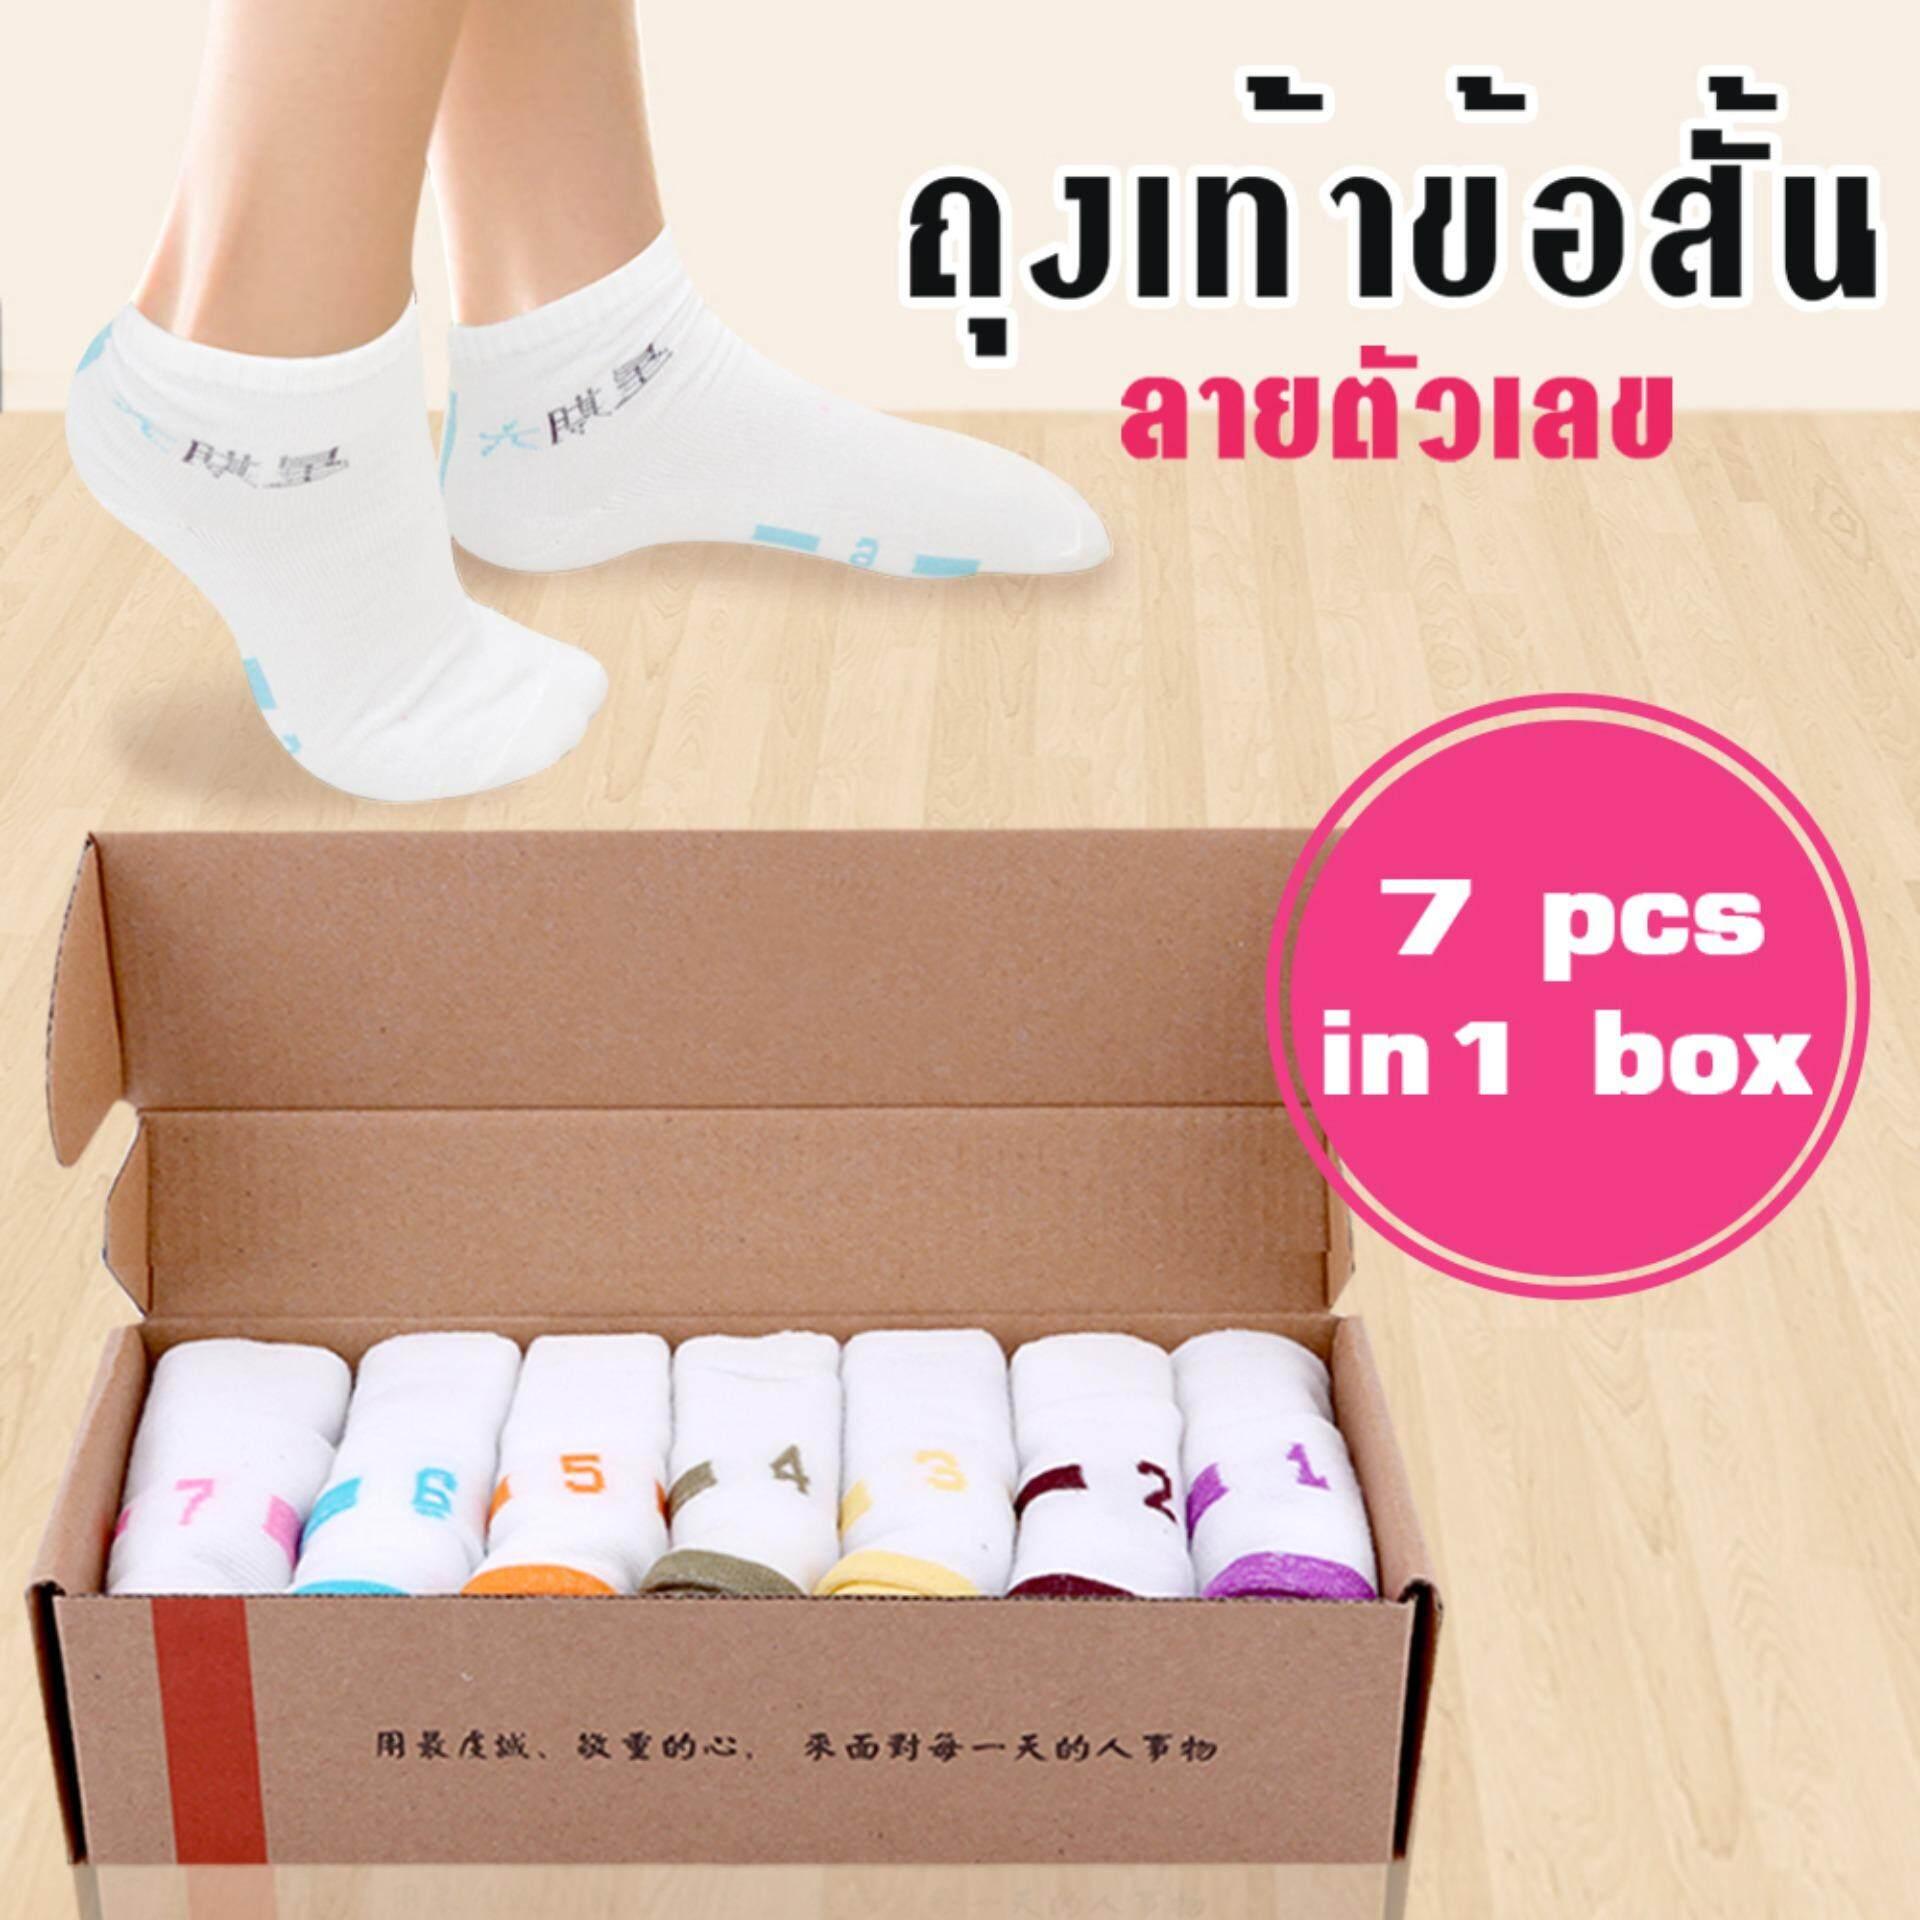 ชุดถุงเท้า 7 คู่ ลายแถบสีสกรีนตัวเลข สีขาว